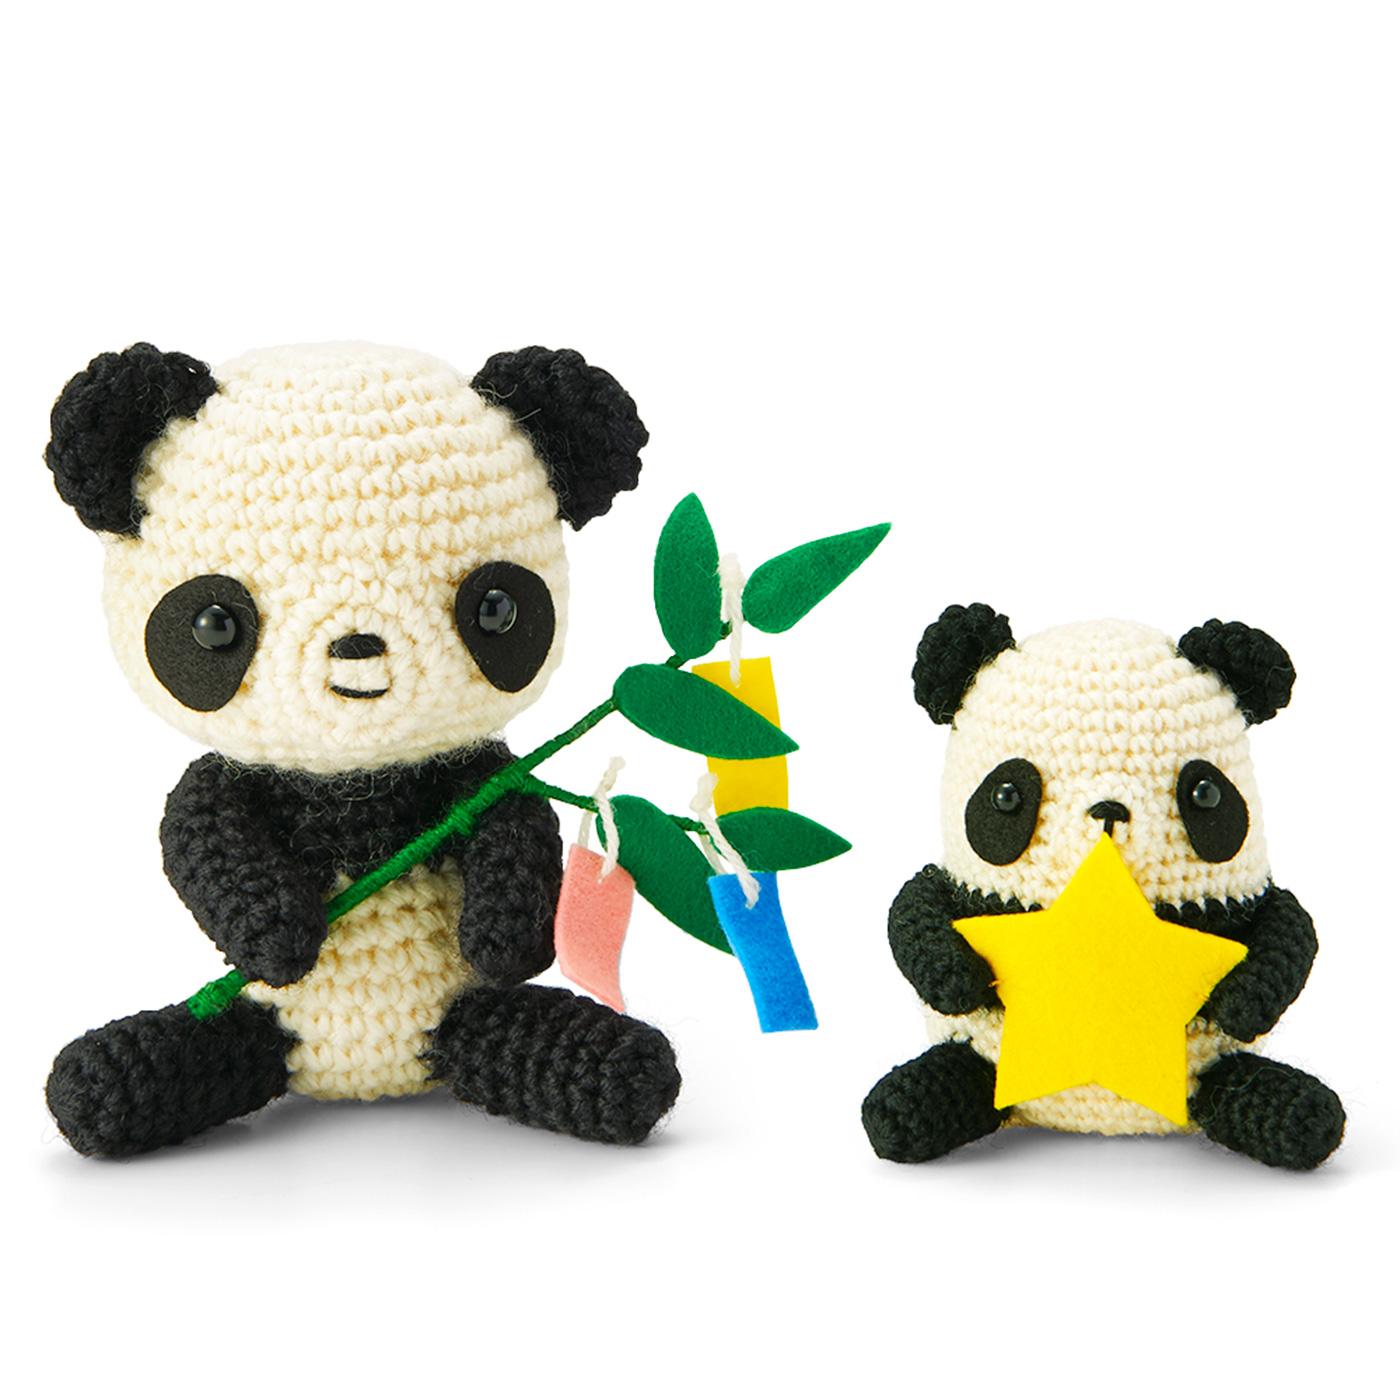 〈5月分お届け〉パンダ&子パンダの七夕